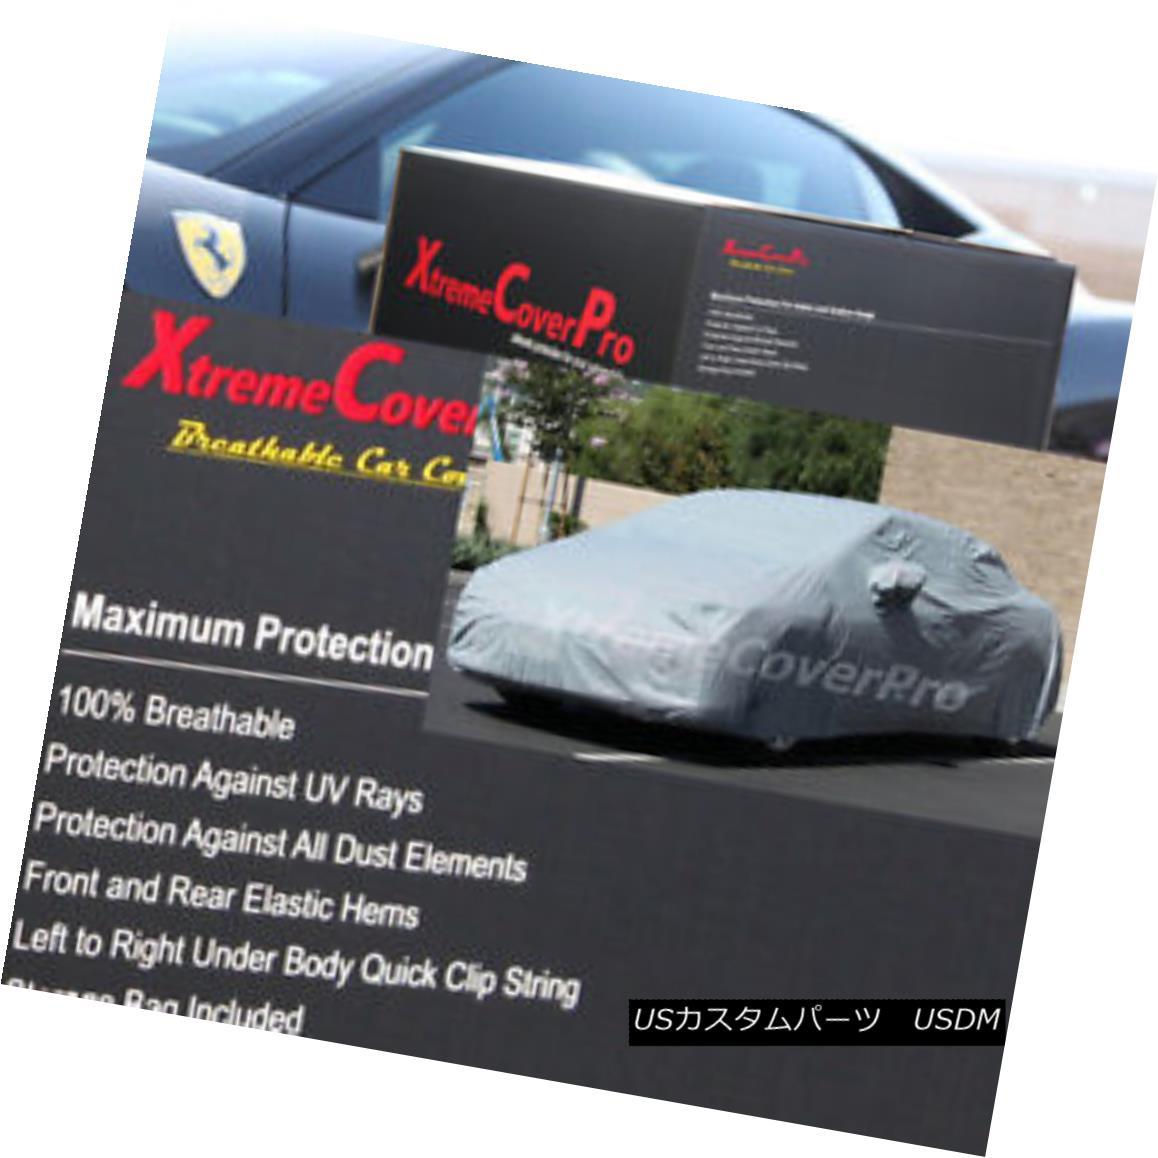 カーカバー 1997 1998 1999 2000 2001 Lexus ES300 Breathable Car Cover w/MirrorPocket 1997年1998年1999年2000年2001年レクサスES300通気性車カバー付き(MirrorPocket)